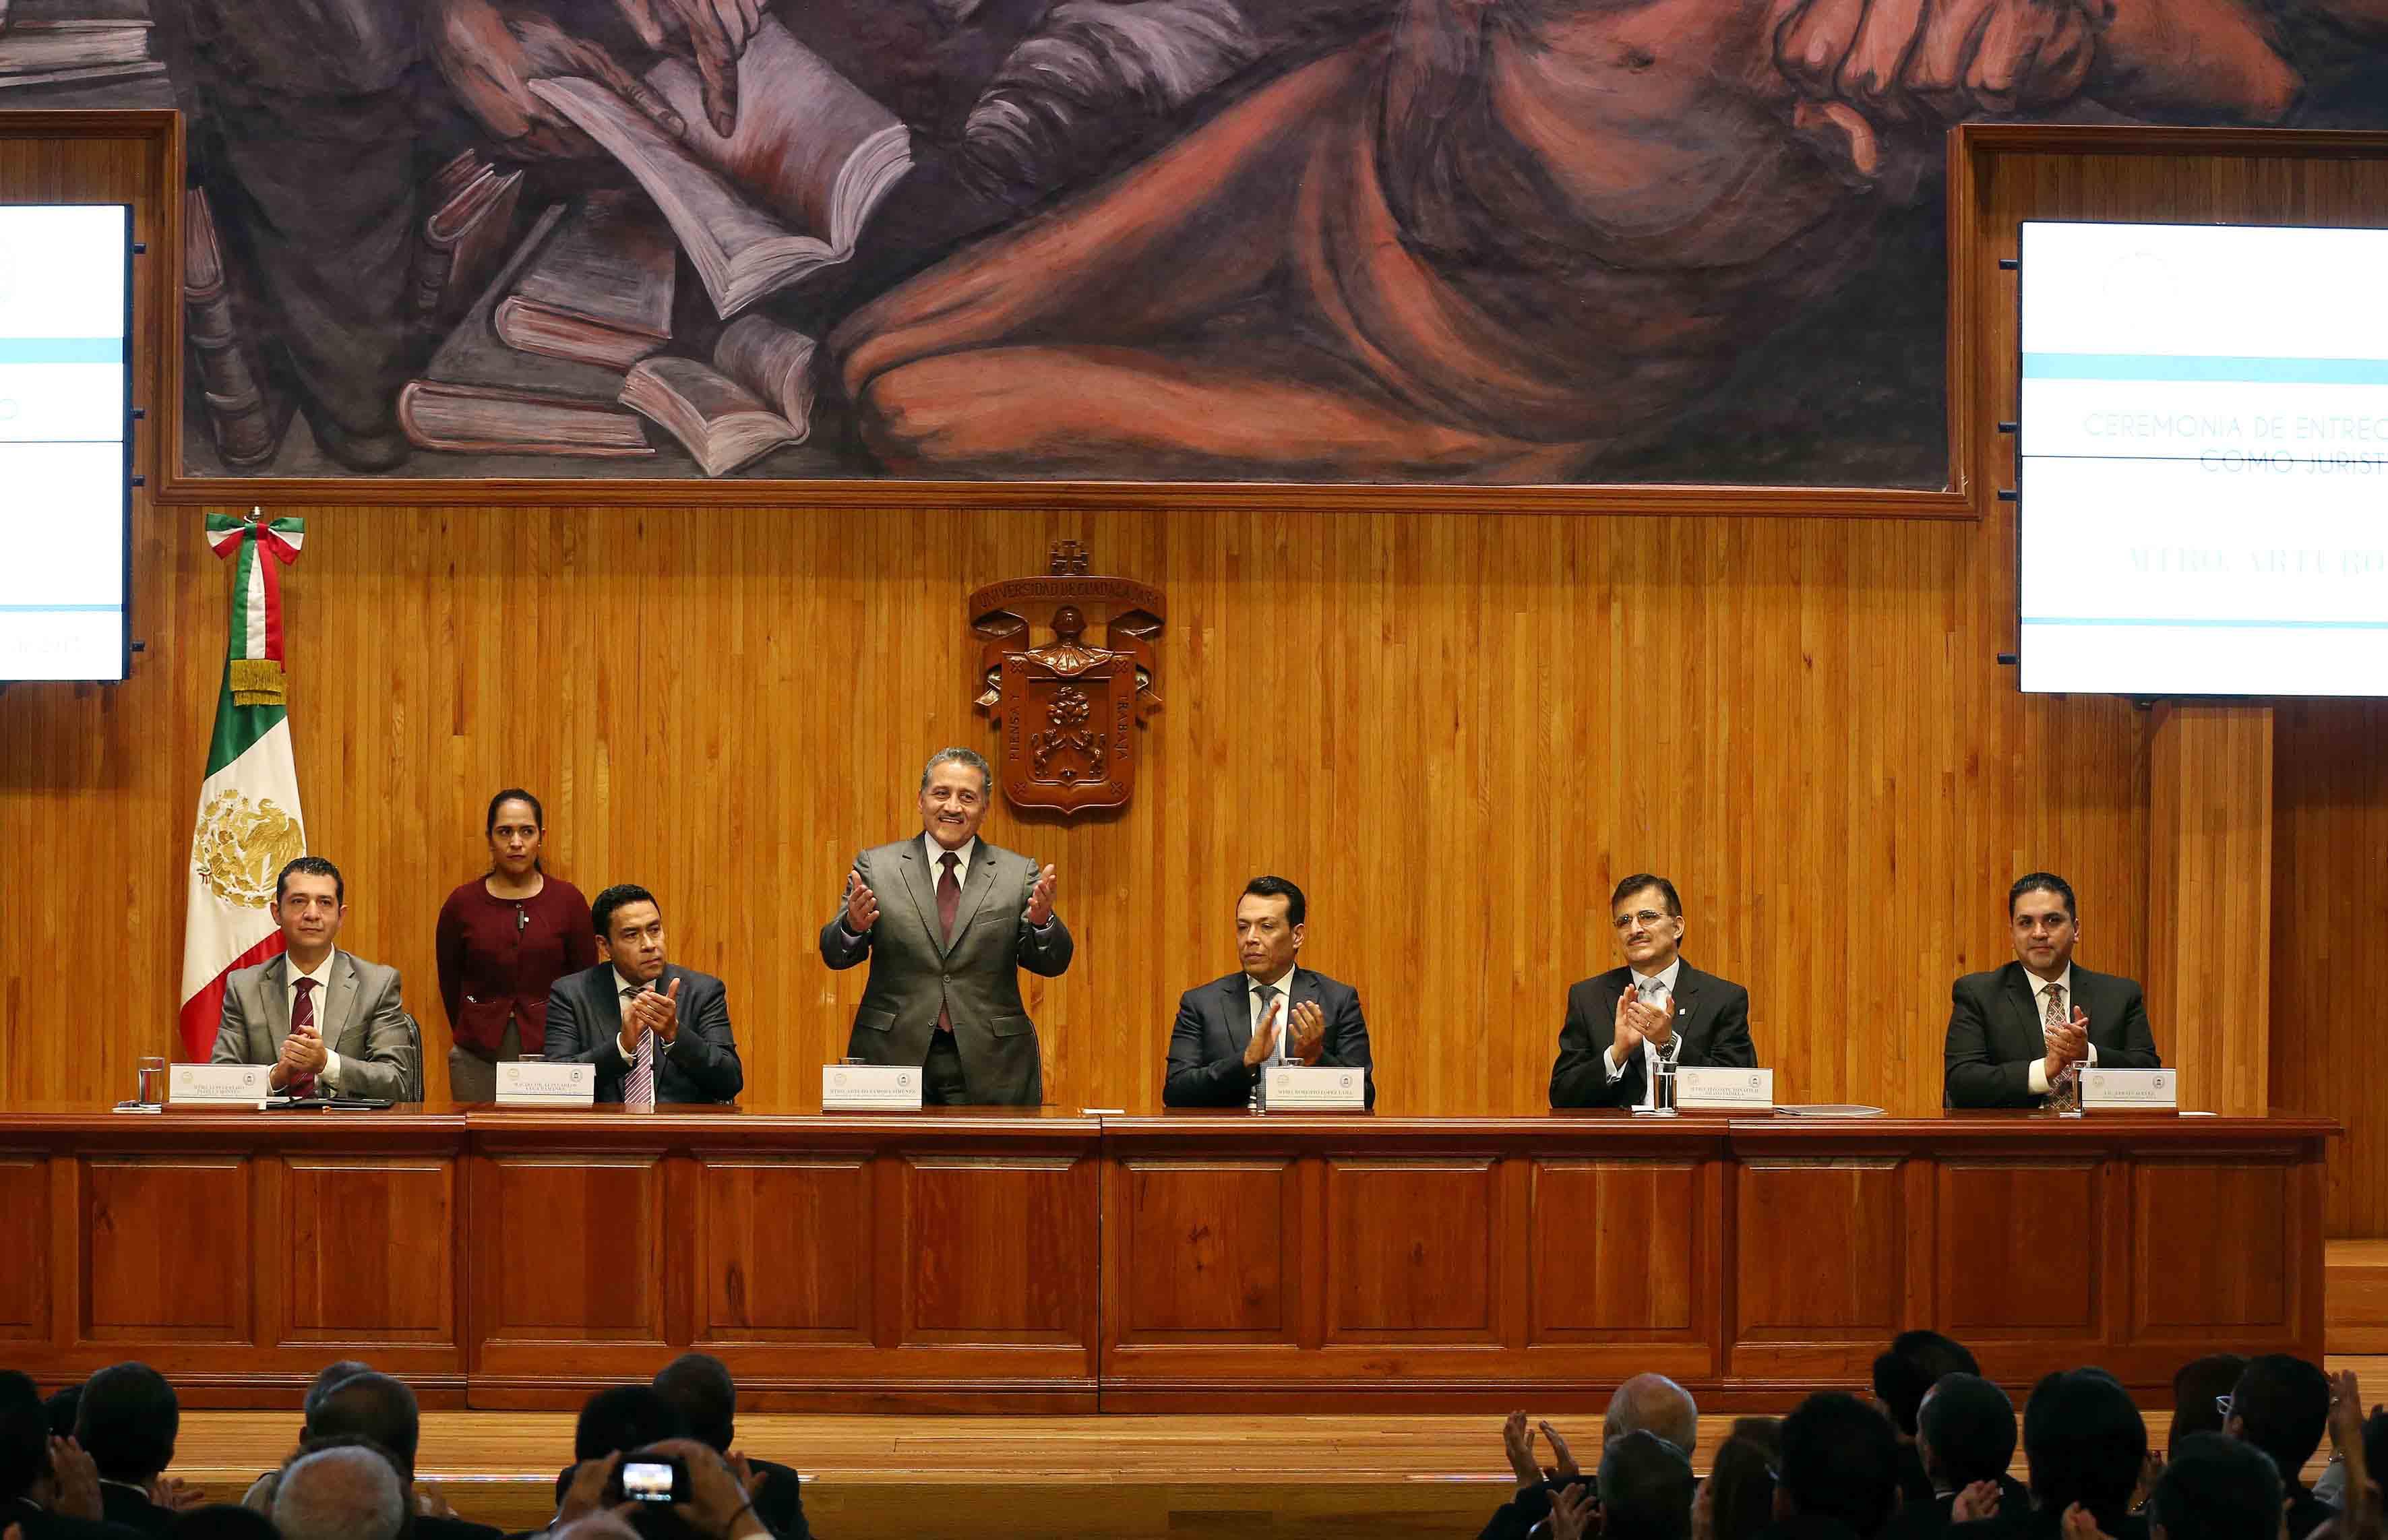 El Senador Arturo Zamora Jiménez, agradeciendo en ceremonia al publico asistente al Paraninfo Enrique Díaz de León.